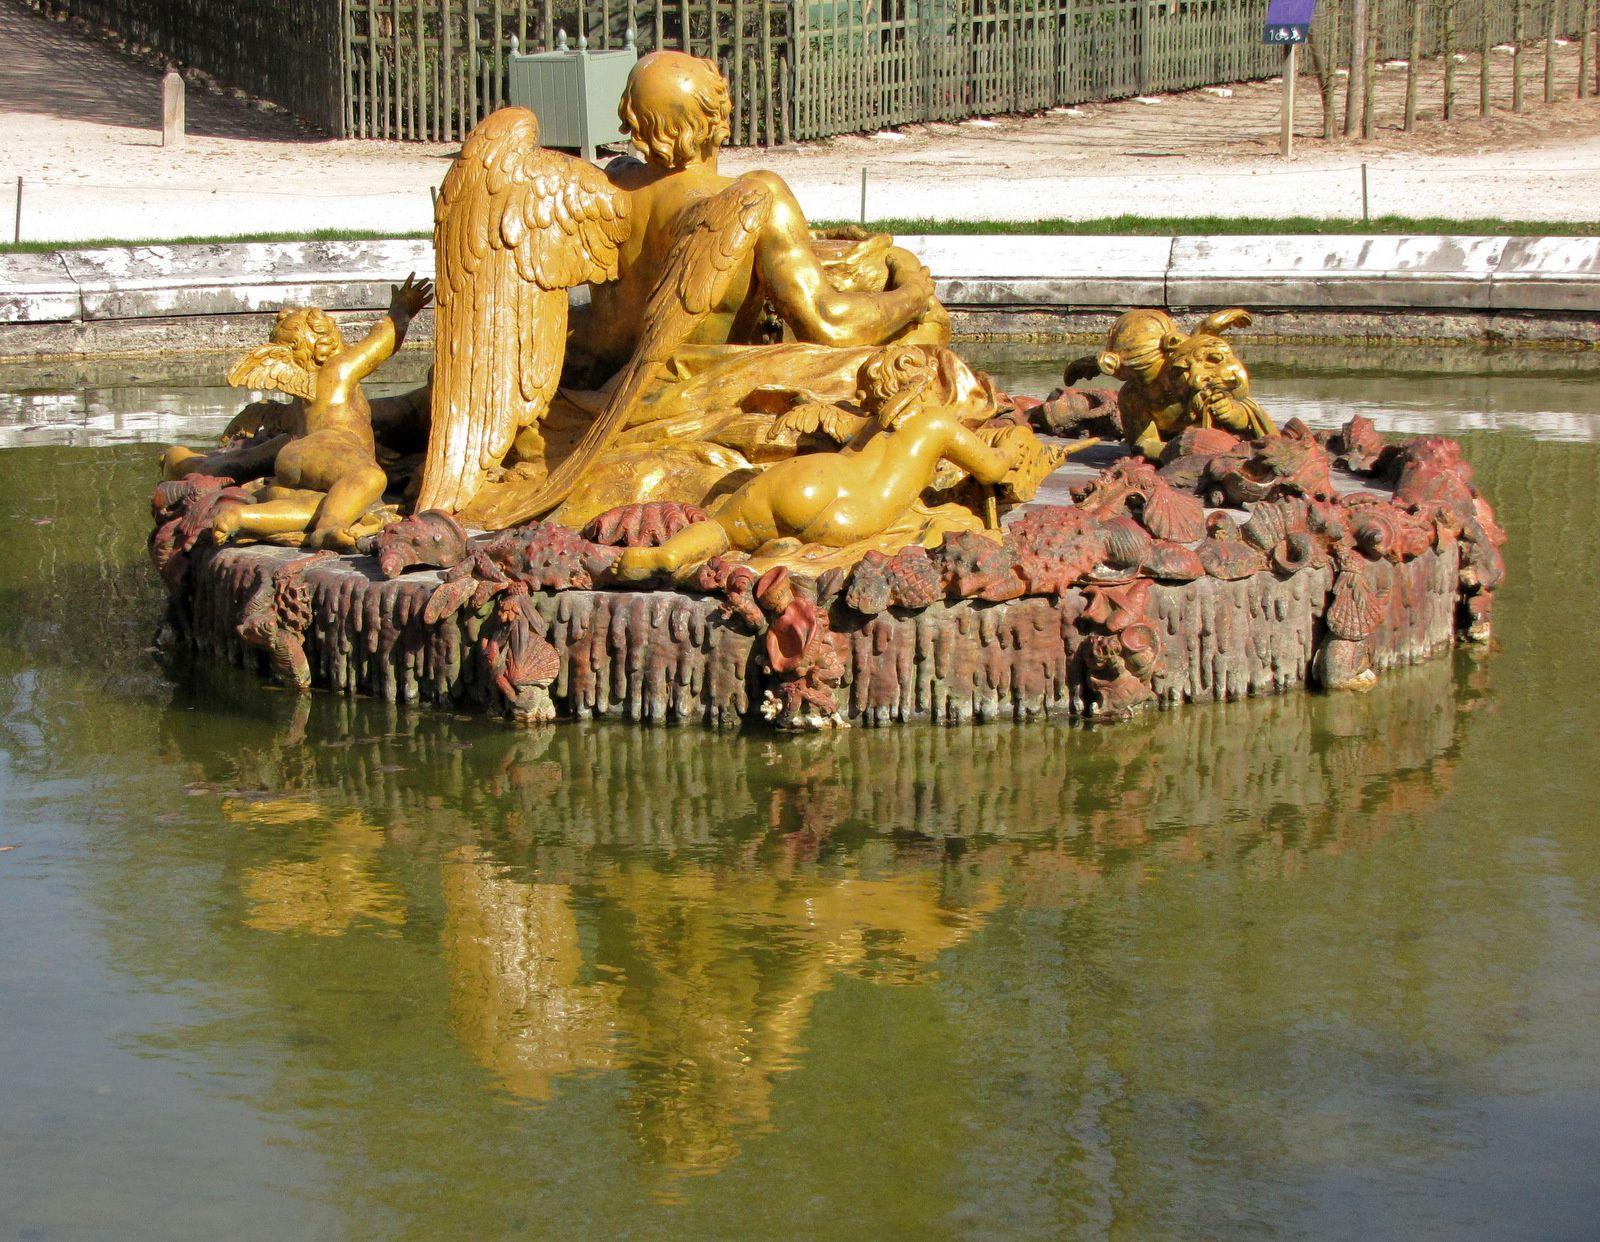 Bassin de Saturne (François Girardon. 1877), parc de Versailles